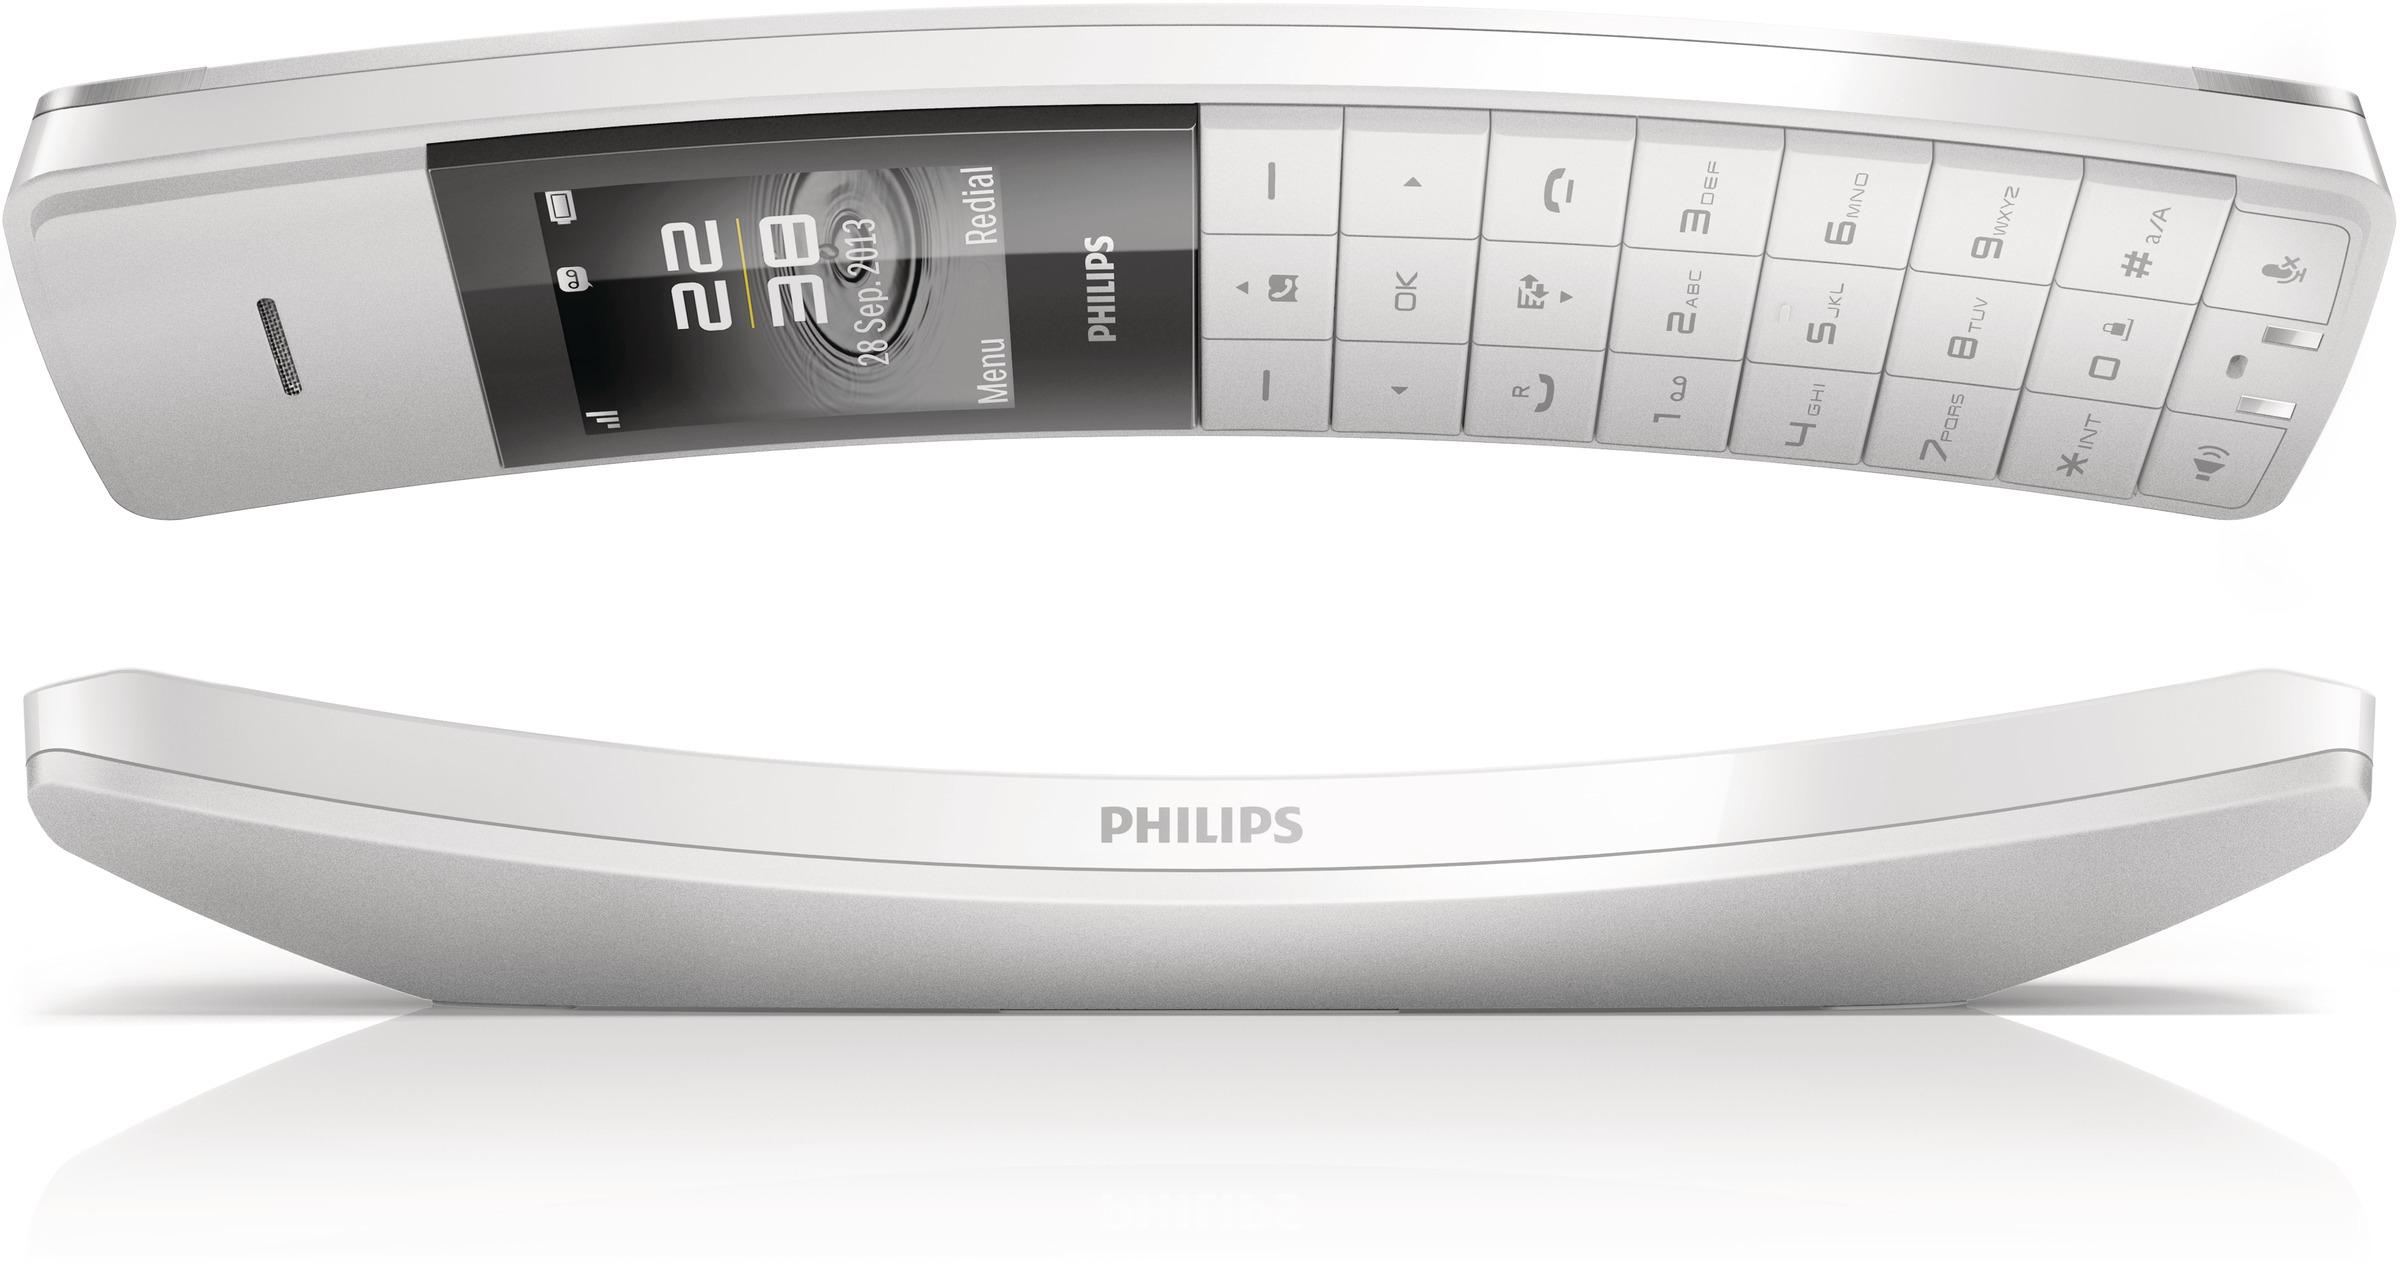 philips 8000 series schnurloses von expert technomarkt. Black Bedroom Furniture Sets. Home Design Ideas